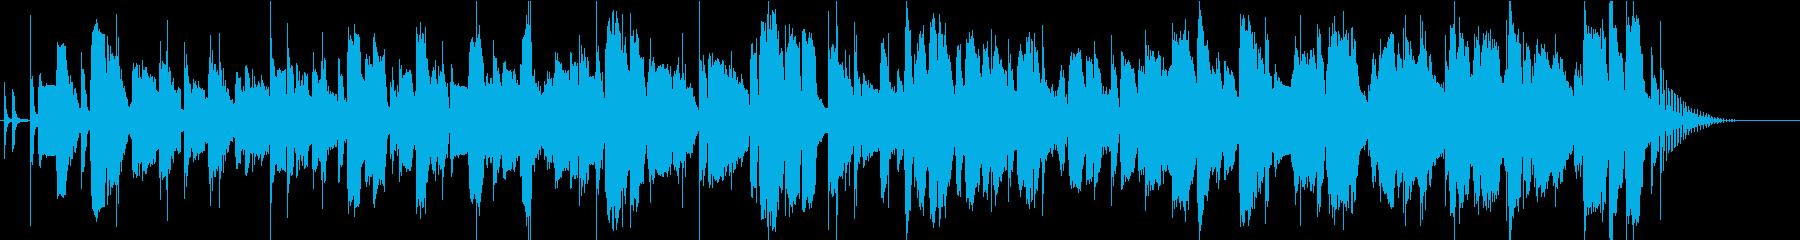 軽快でコミカルなギターアドリブ風ブルースの再生済みの波形